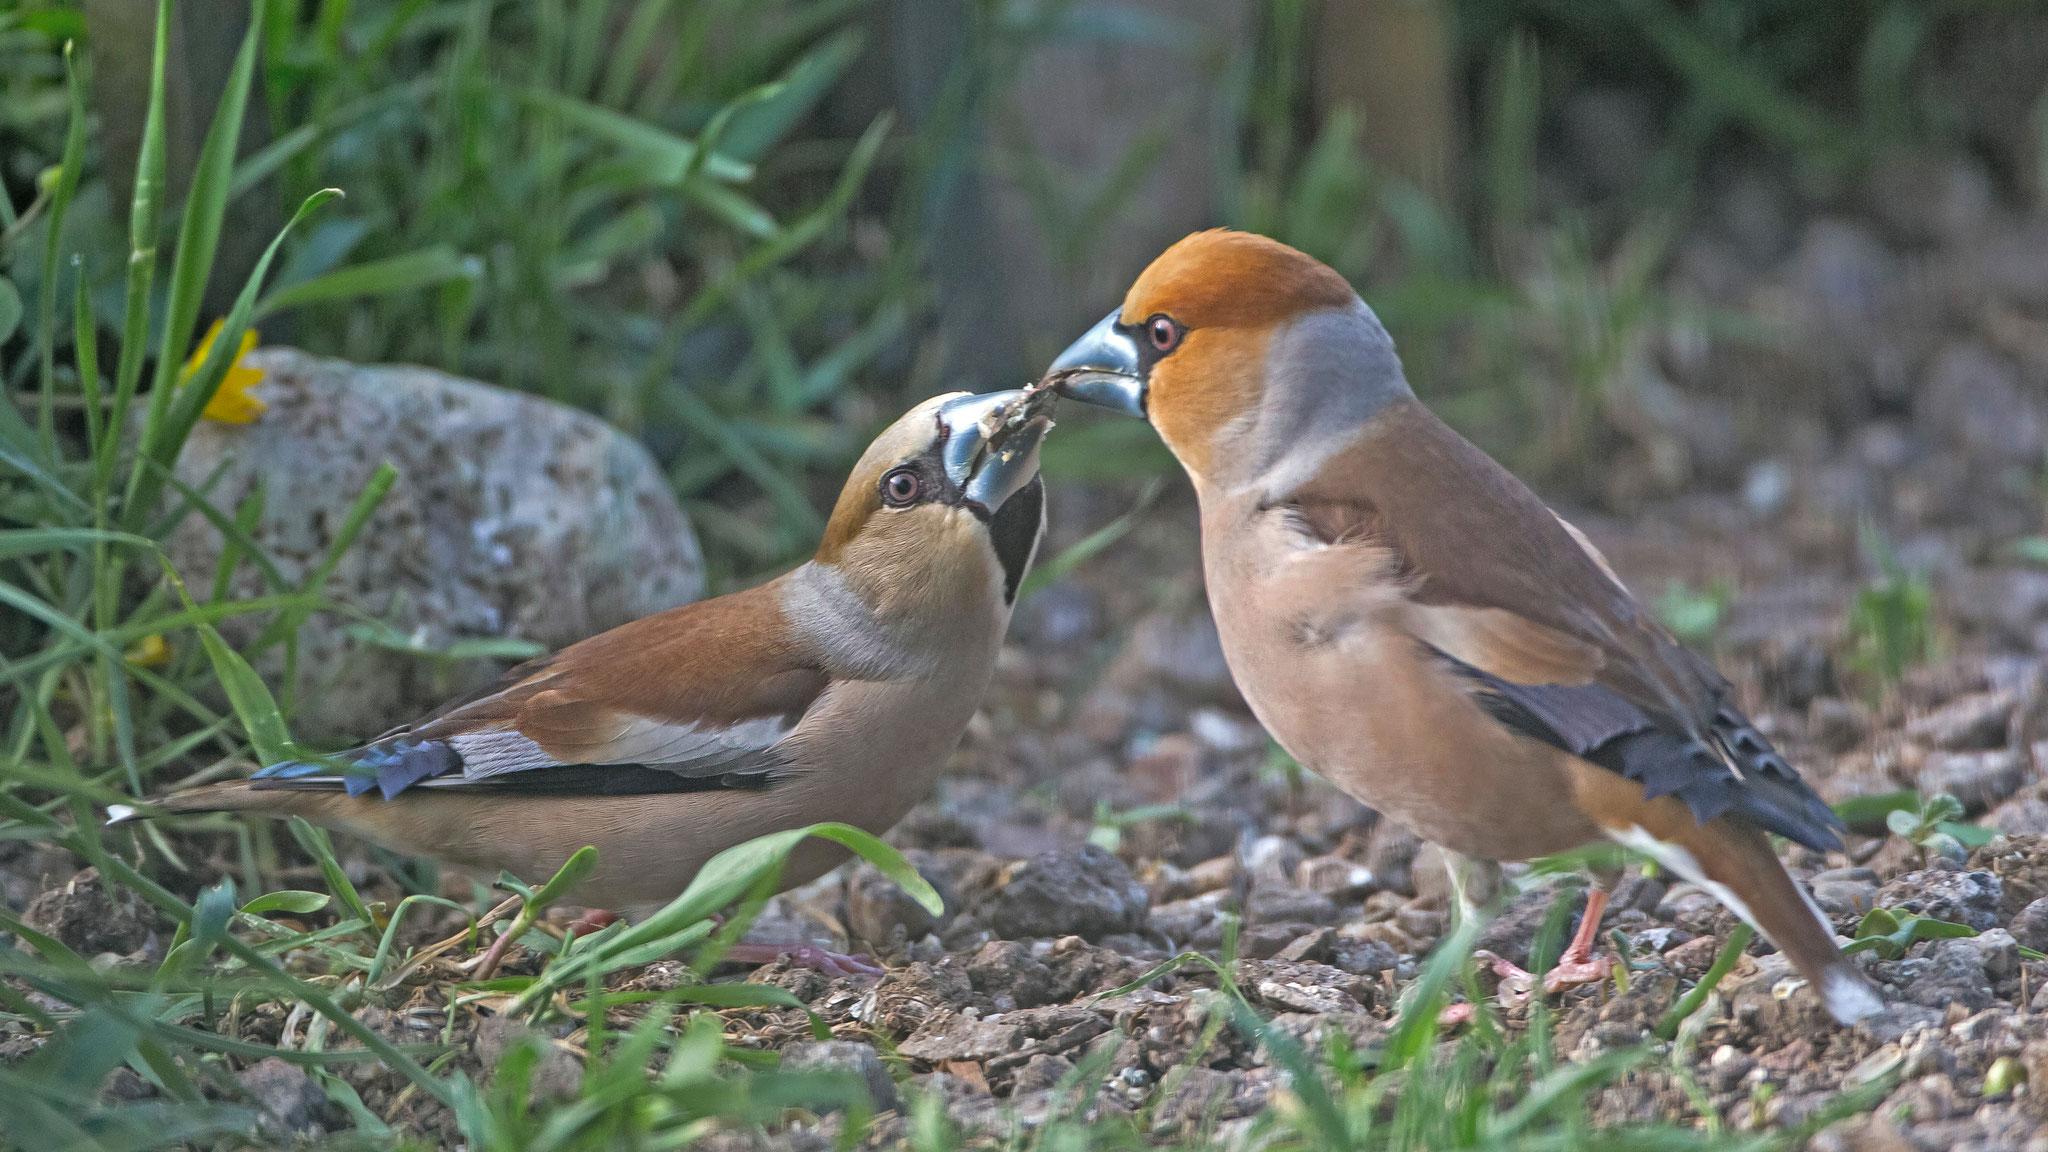 Kernbeisser (Coccothraustes coccothraustes), Weibchen wird von Männchen gefüttert